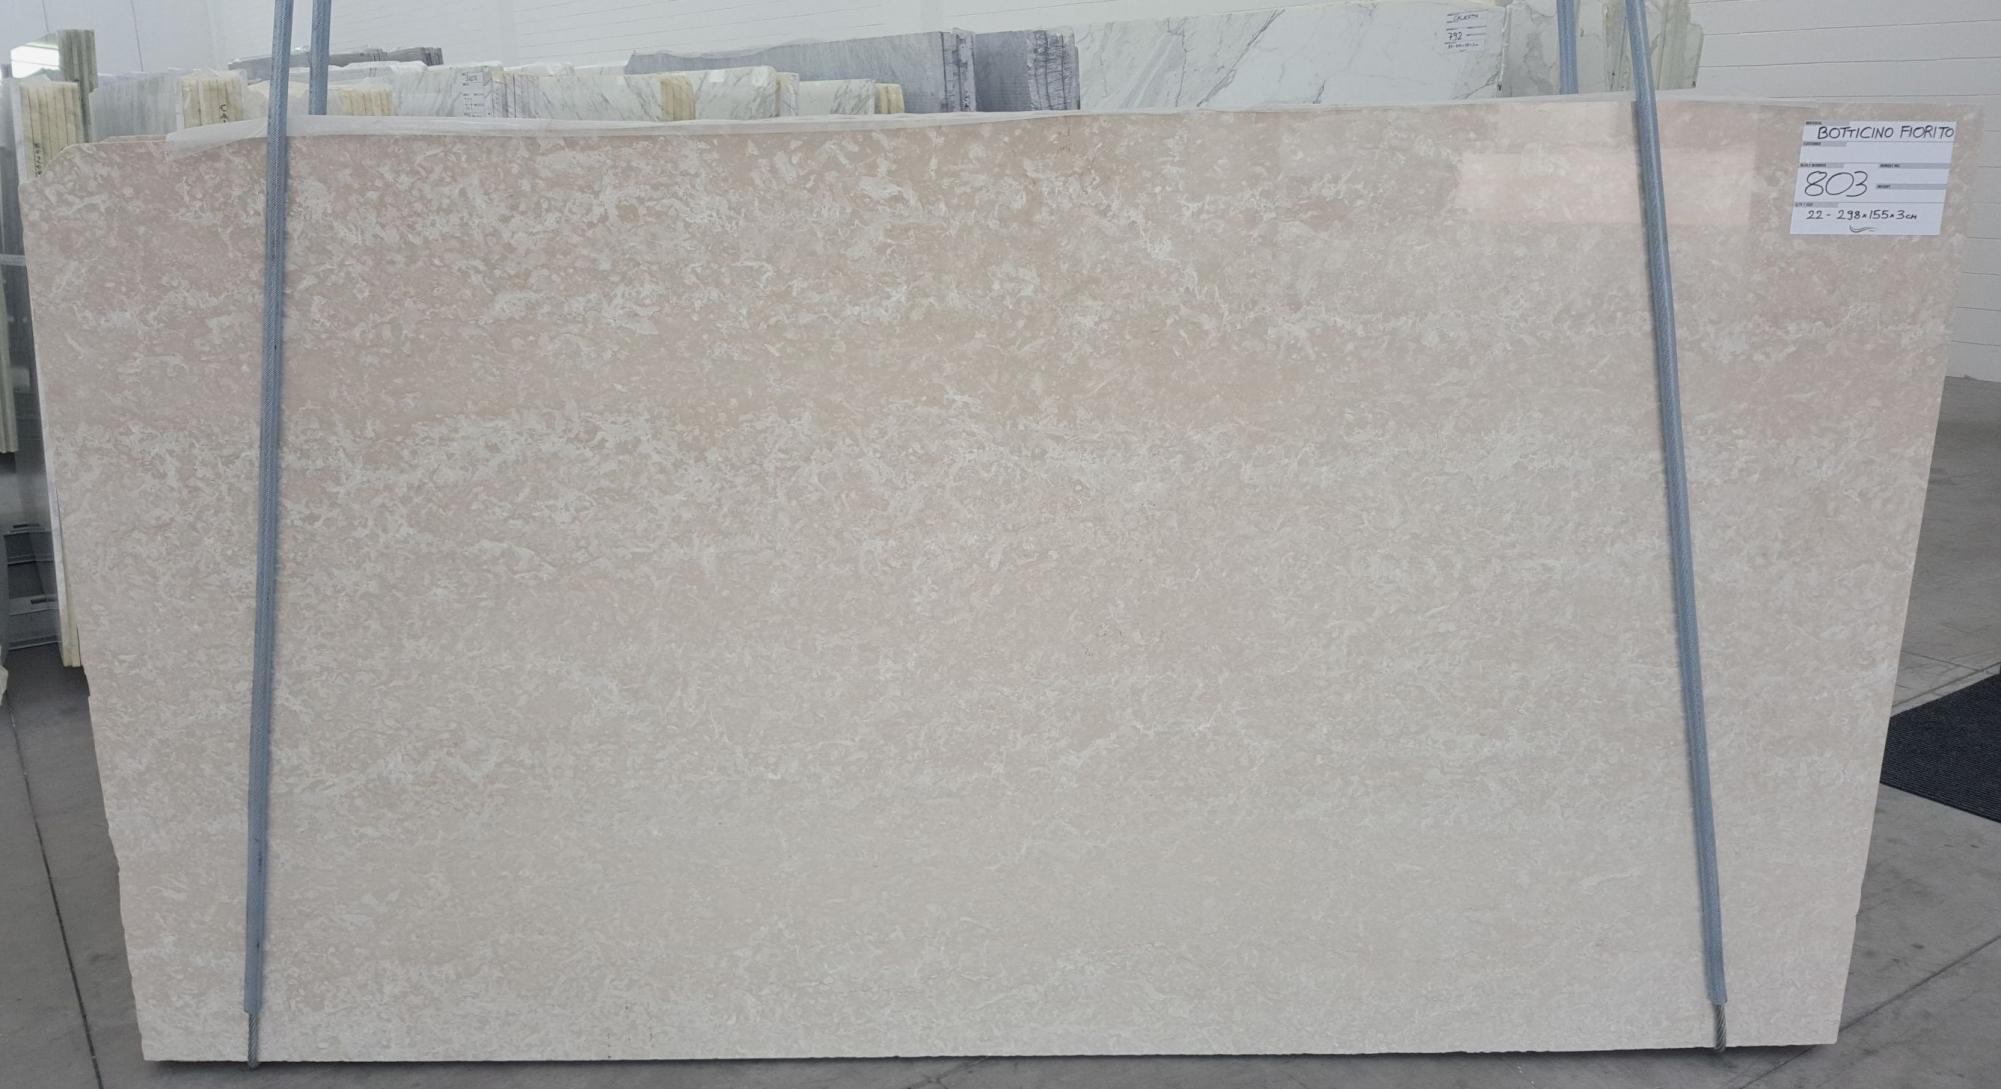 BOTTICINO FIORITO LIGHT Fornitura Verona (Italia) di lastre grezze lucide in marmo naturale 1149 , Bundle #1-2